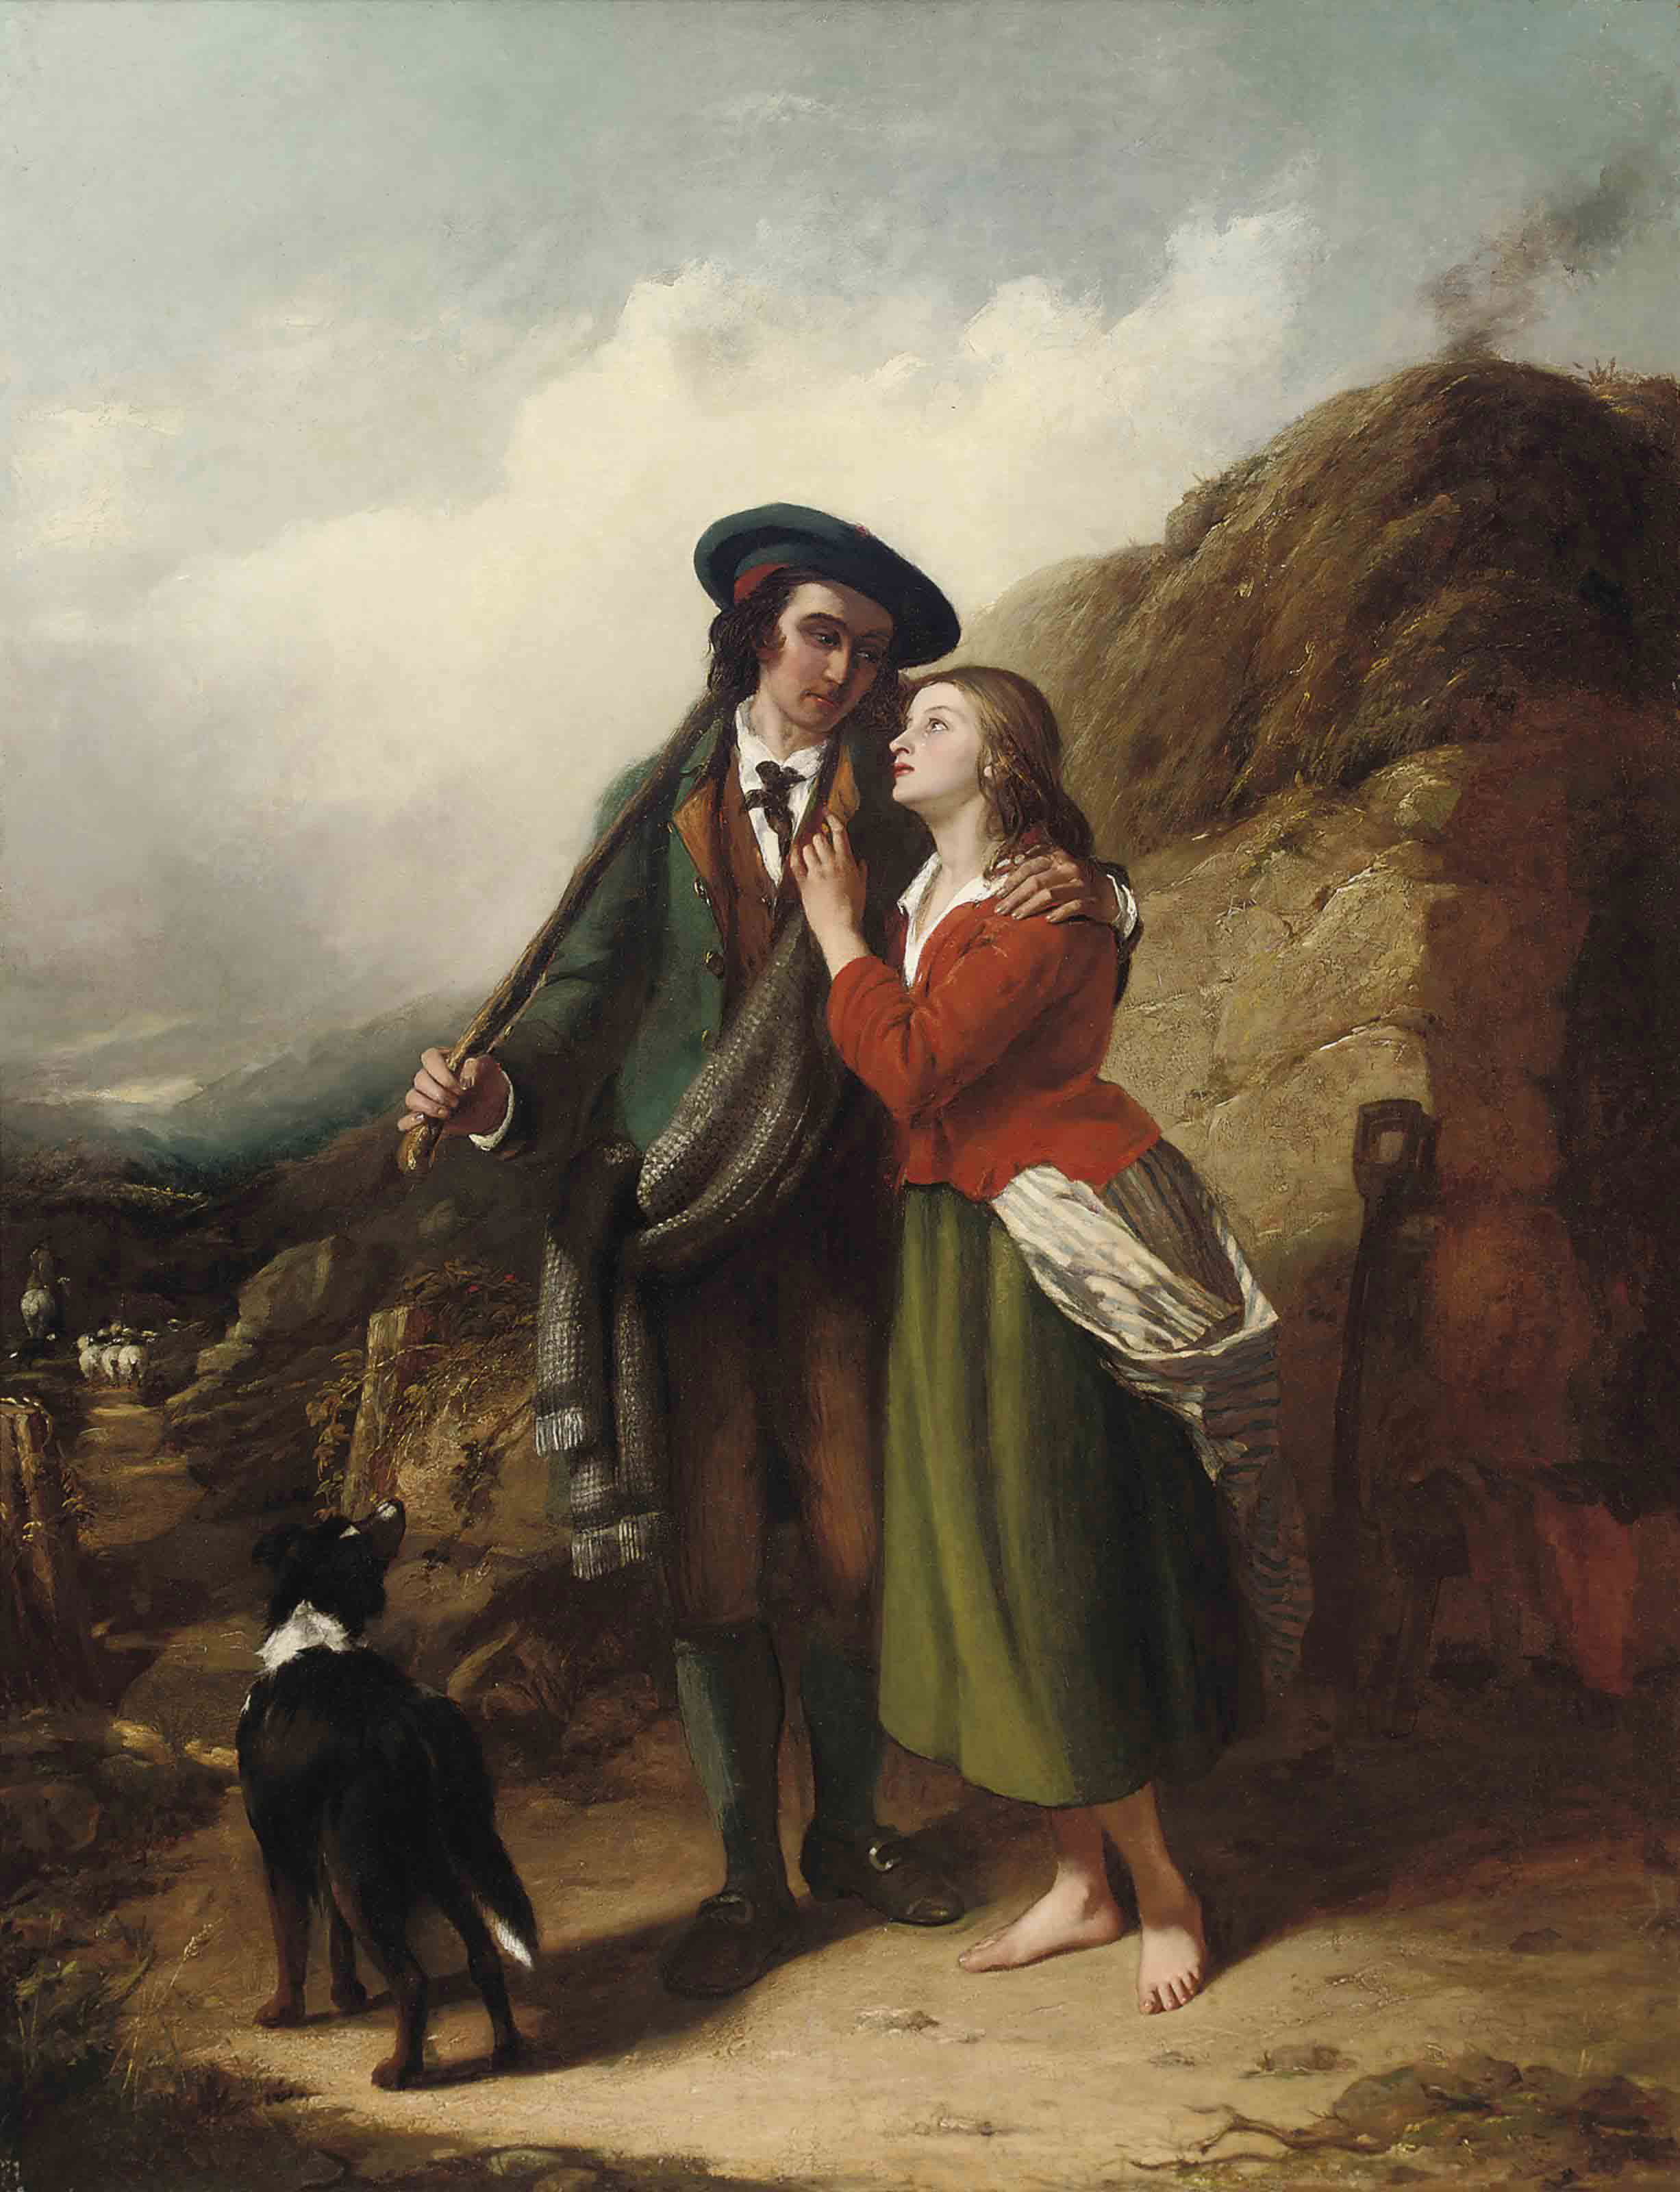 The shepherd's sweetheart